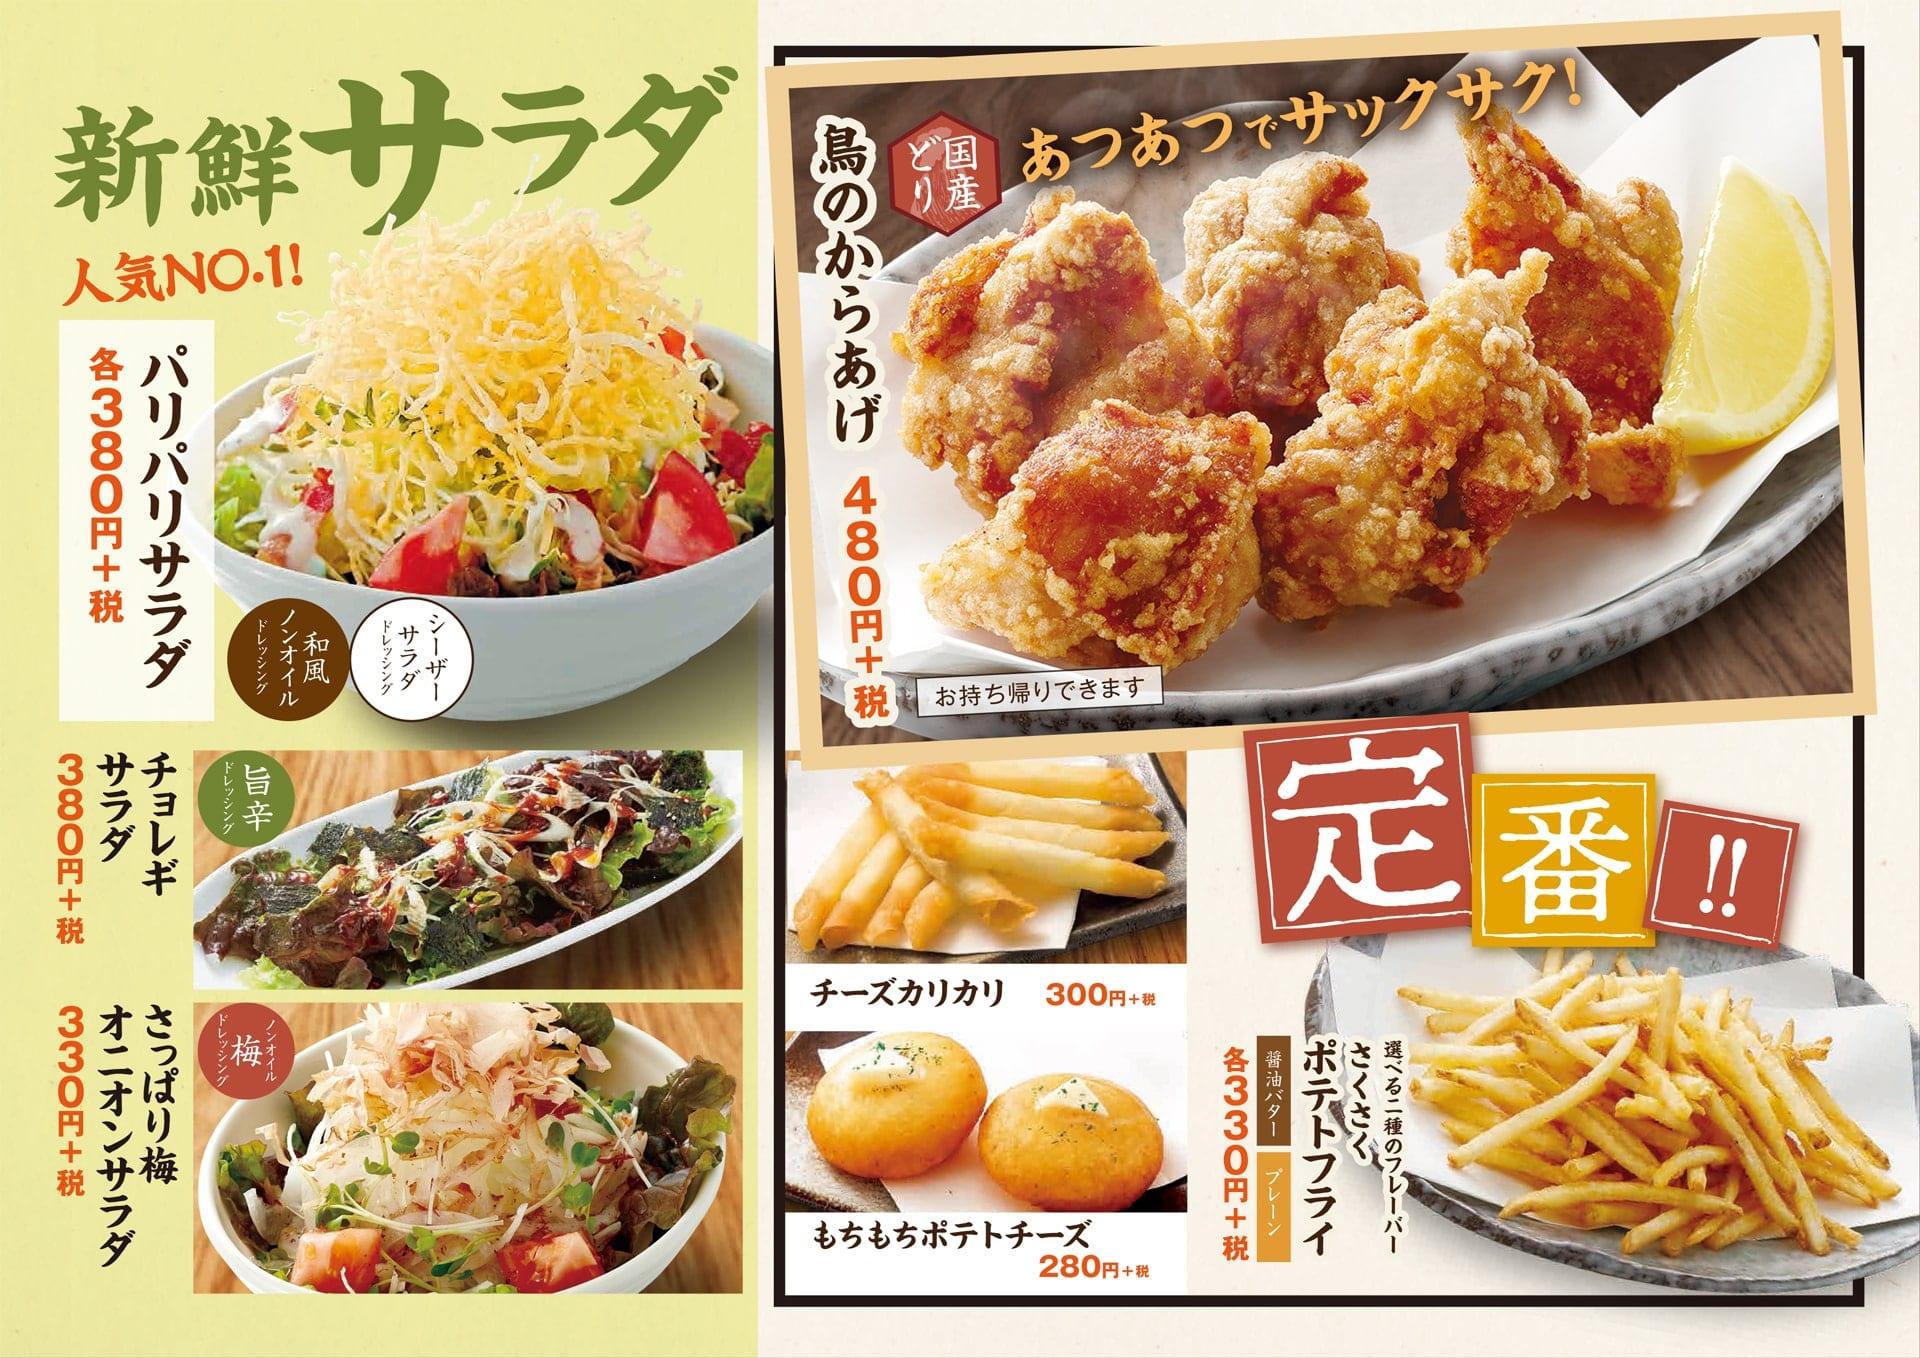 八剣食堂 揚げ物2・サラダ